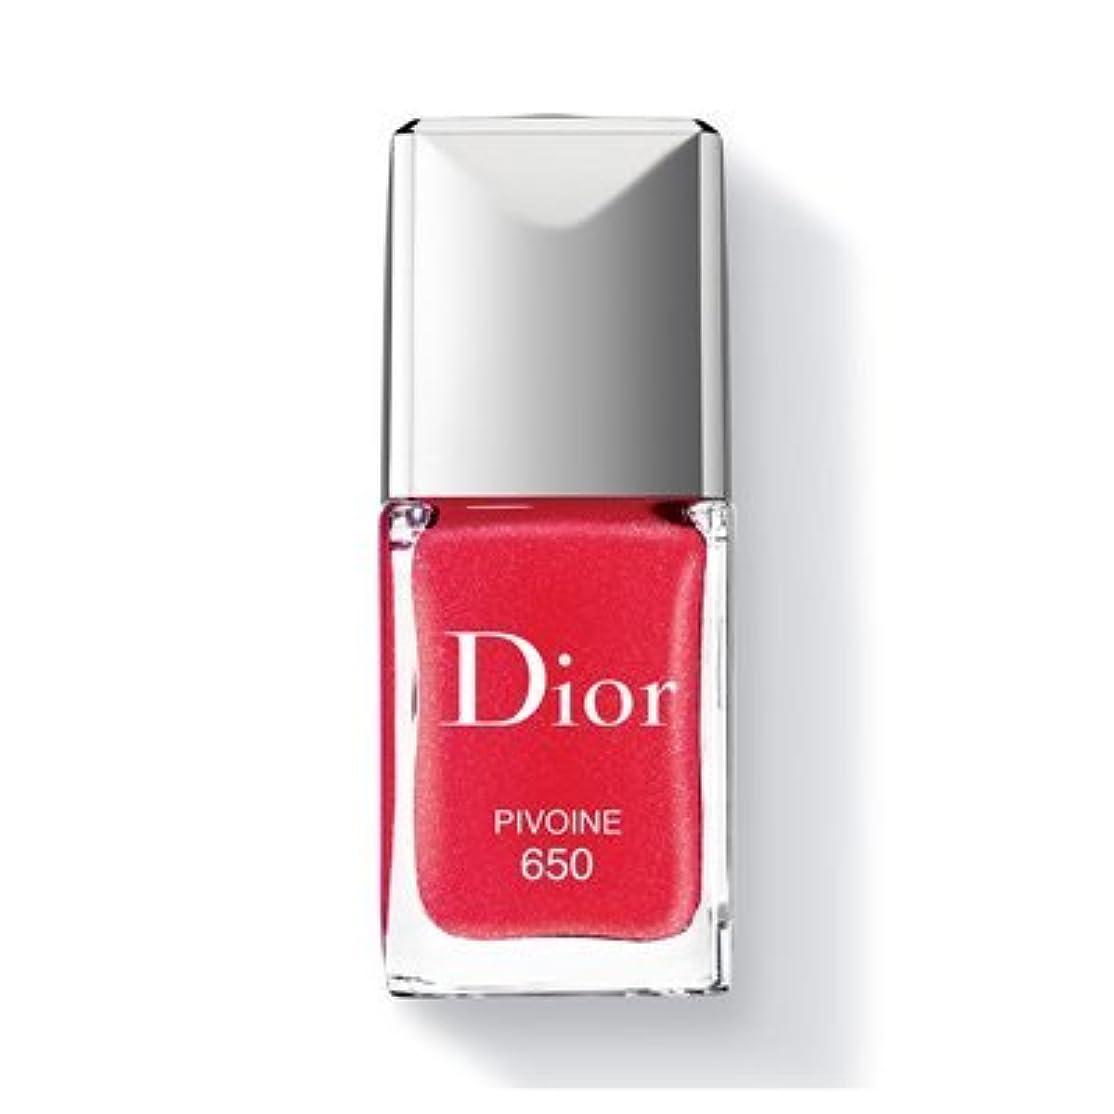 報復するいらいらさせるその間Christian Dior クリスチャン ディオール ディオール ヴェルニ #650 PIVOINE 10ml [並行輸入品]